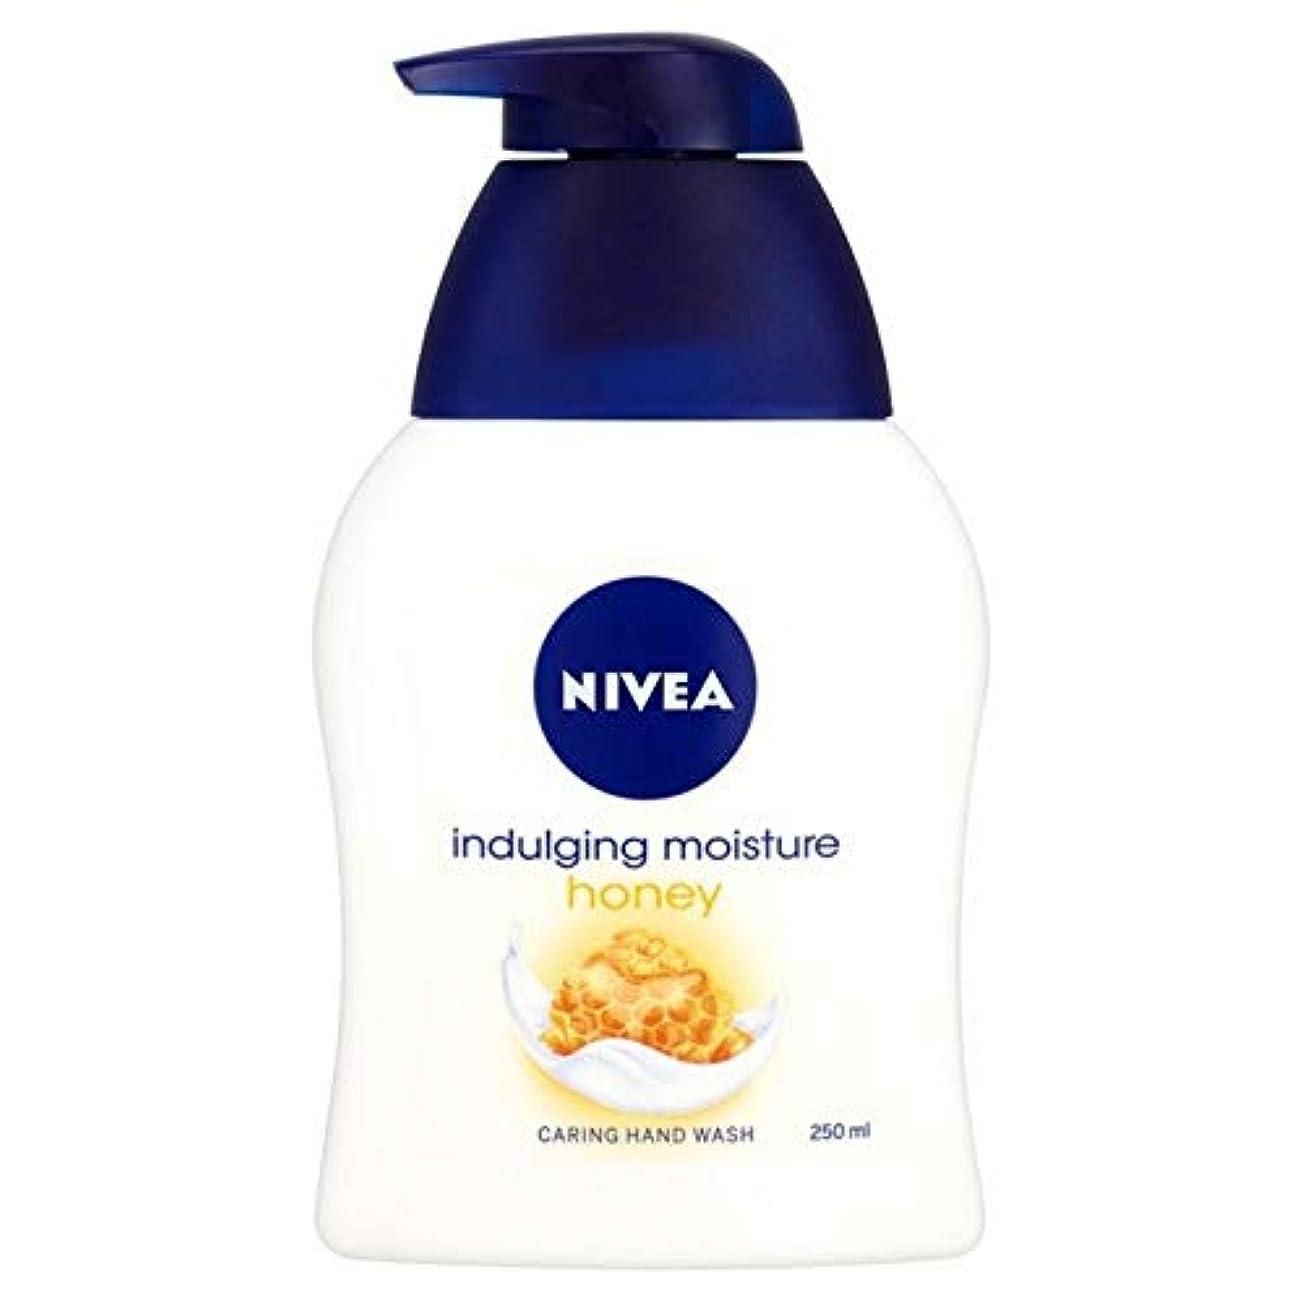 あいにく韓国フィードバック[Nivea ] ニベアふける水分蜂蜜思いやり手洗いの250ミリリットル - Nivea Indulging Moisture Honey Caring Hand Wash 250ml [並行輸入品]